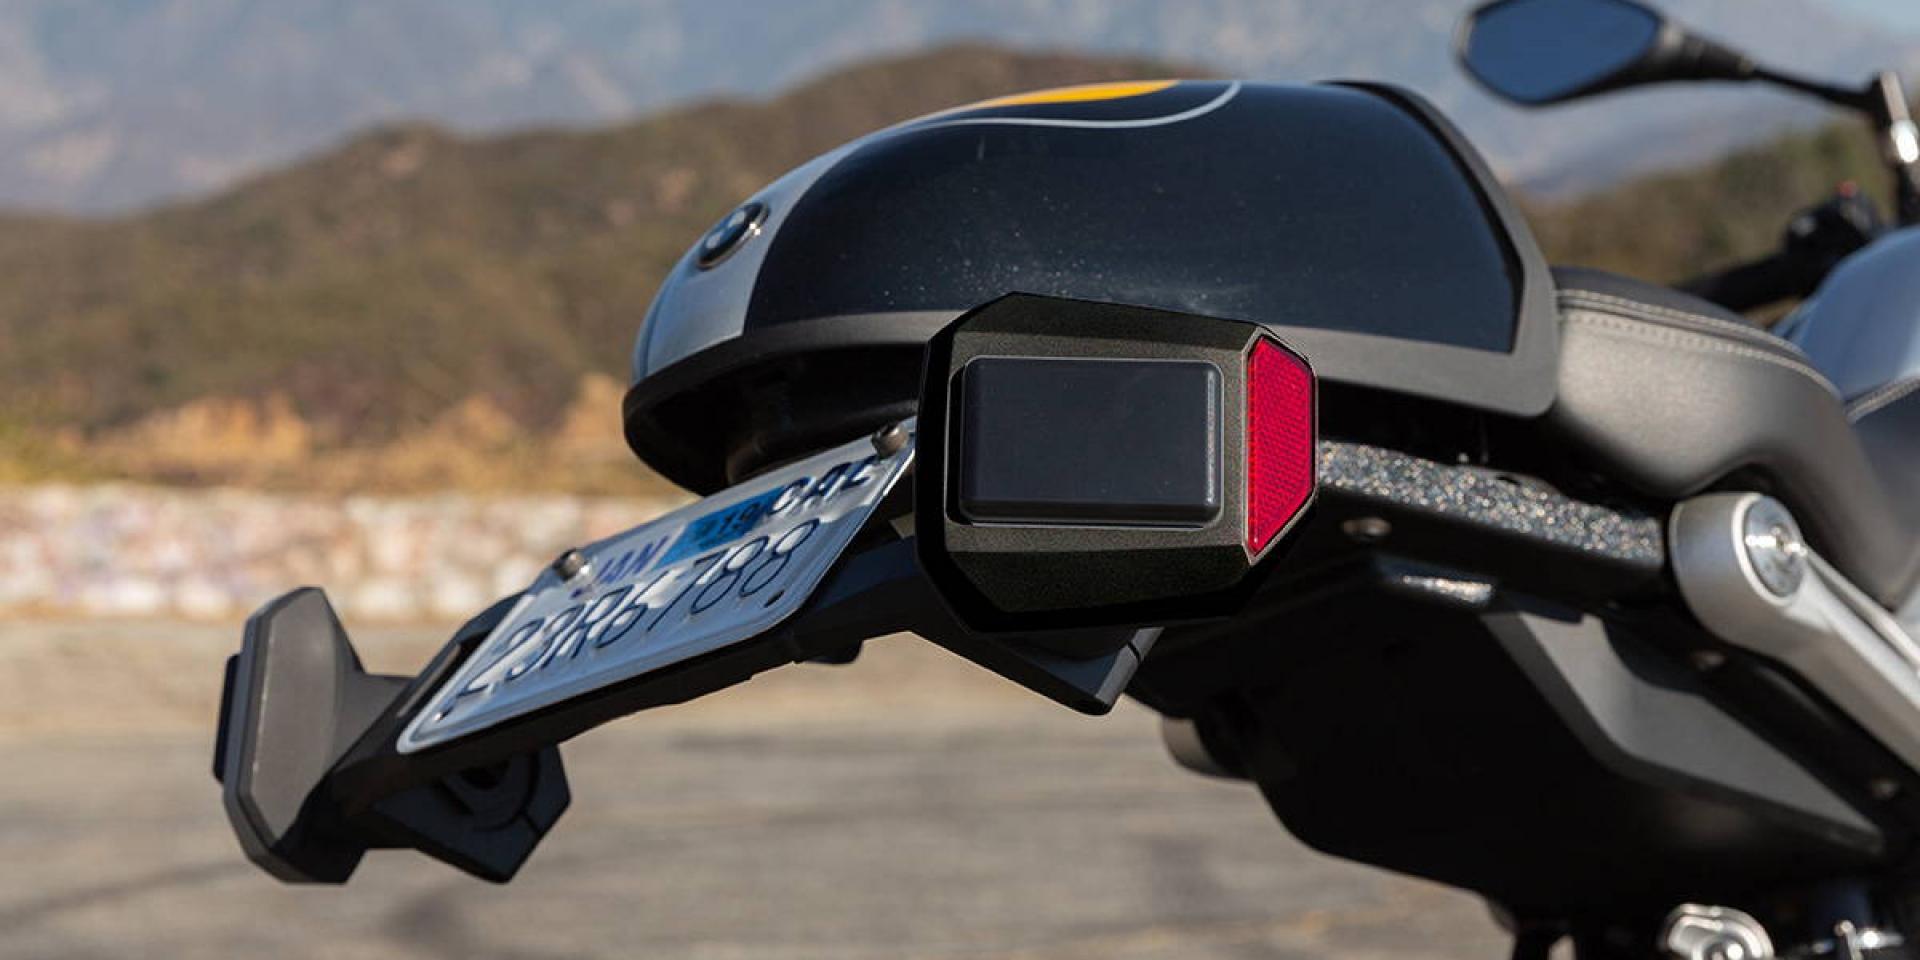 老車也能裝!來自台灣的Senzar盲點偵測改裝套件